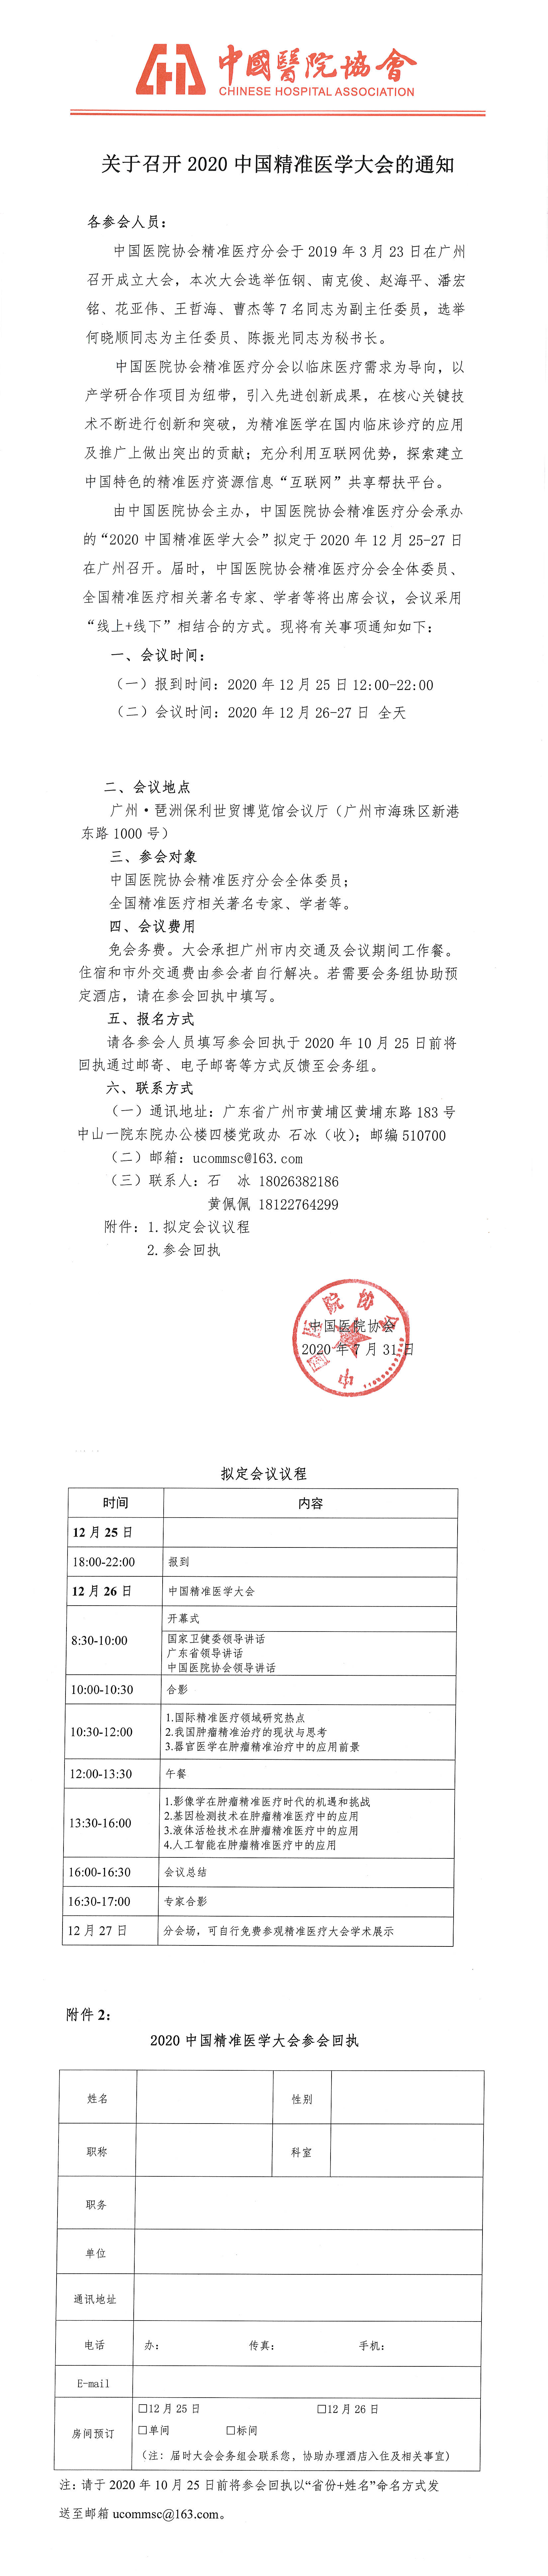 中国医院协会 文件.png